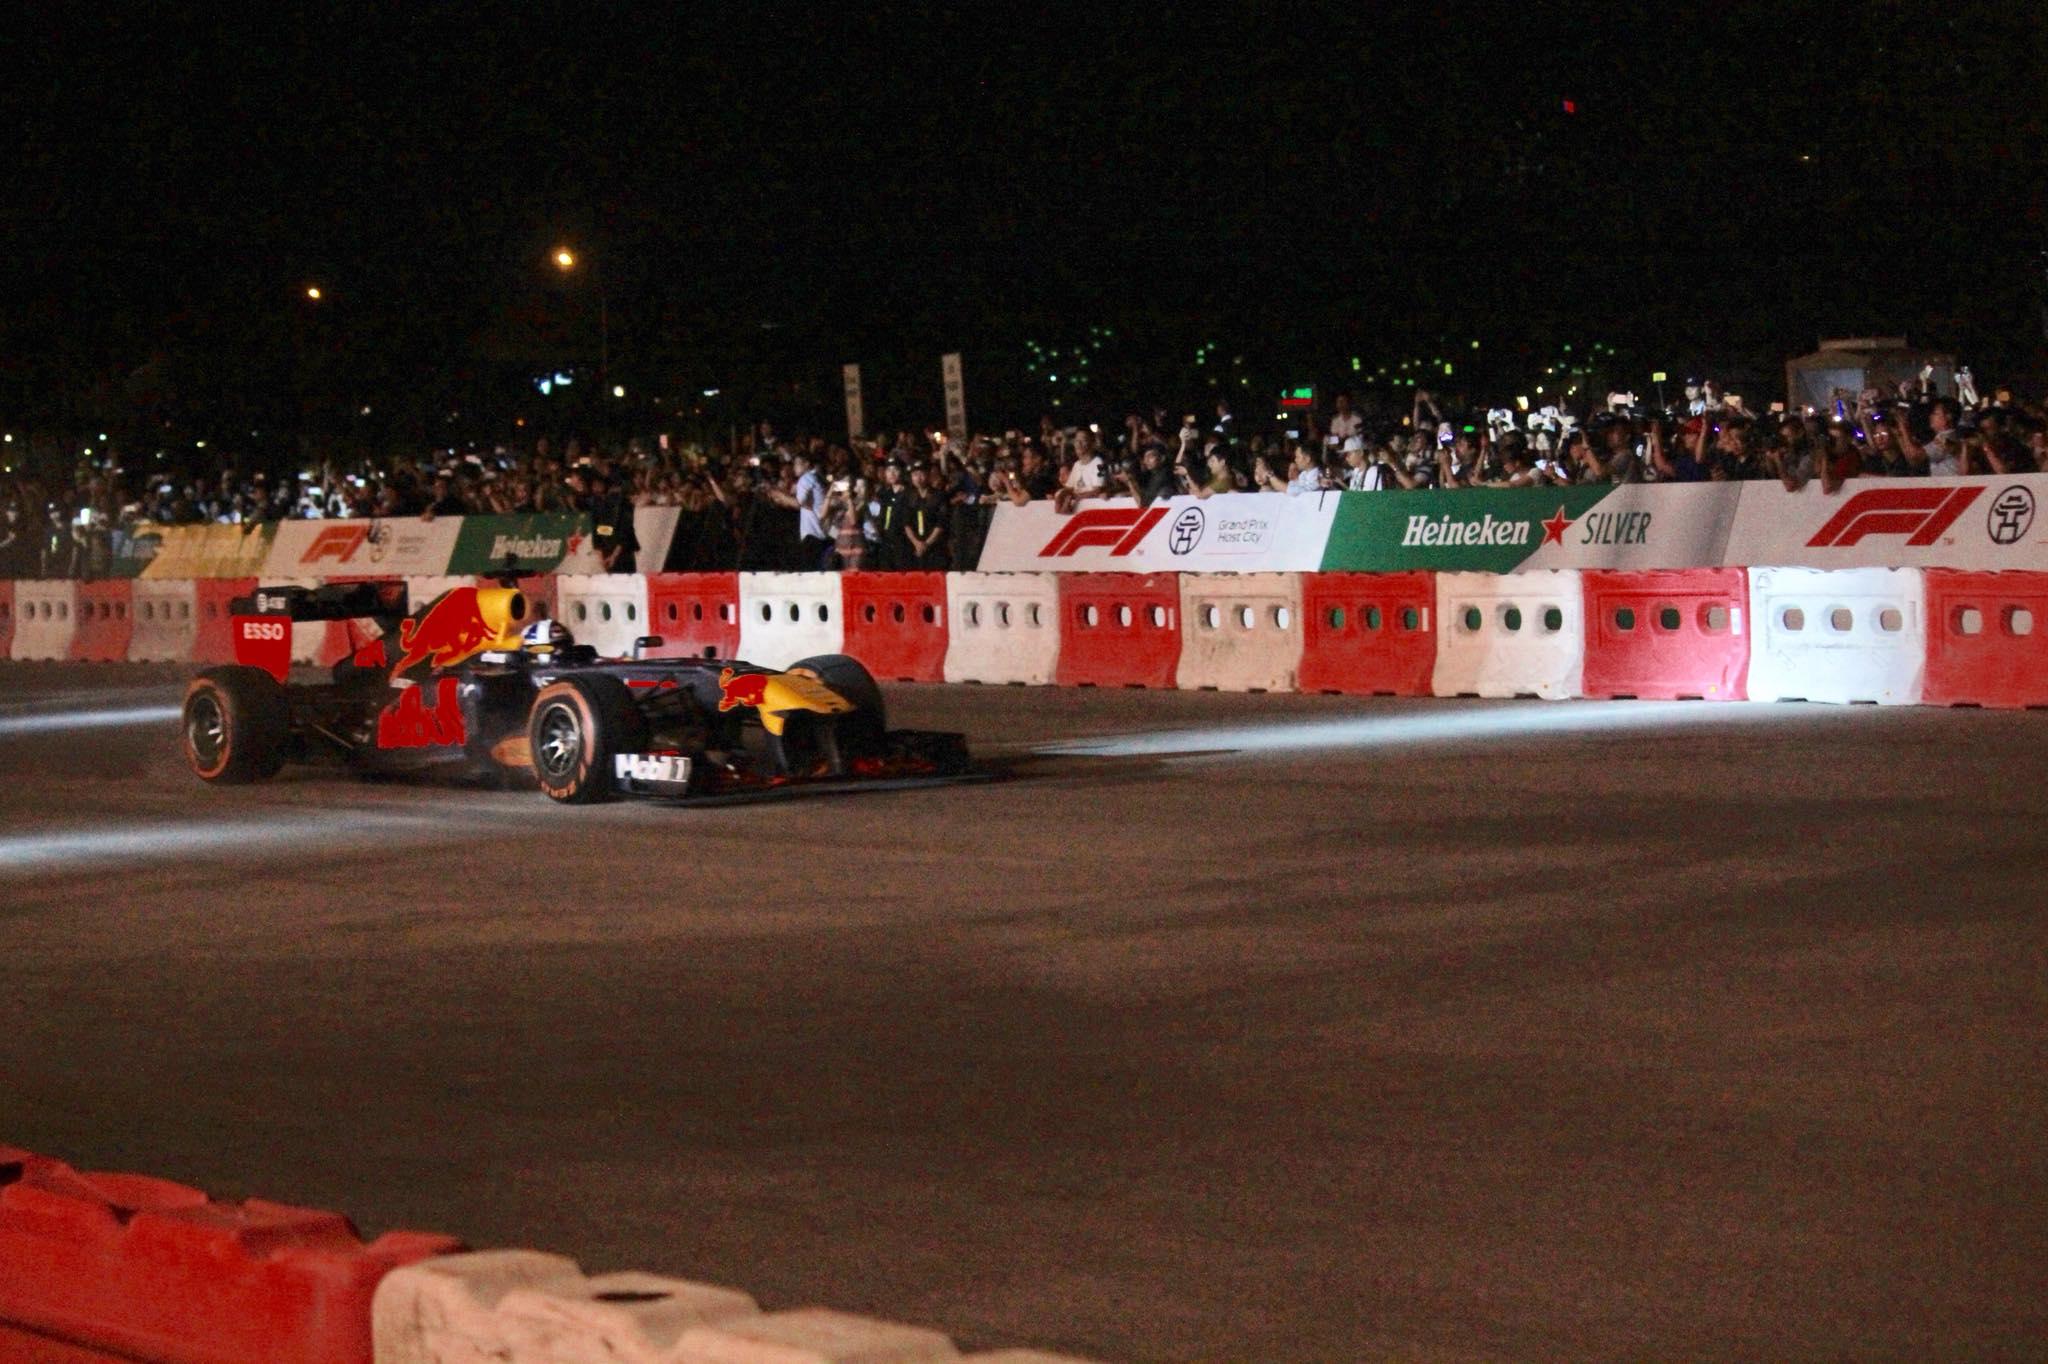 Hàng vạn khán giả phấn khích xem F1 phóng như tên ở Hà Nội - 1